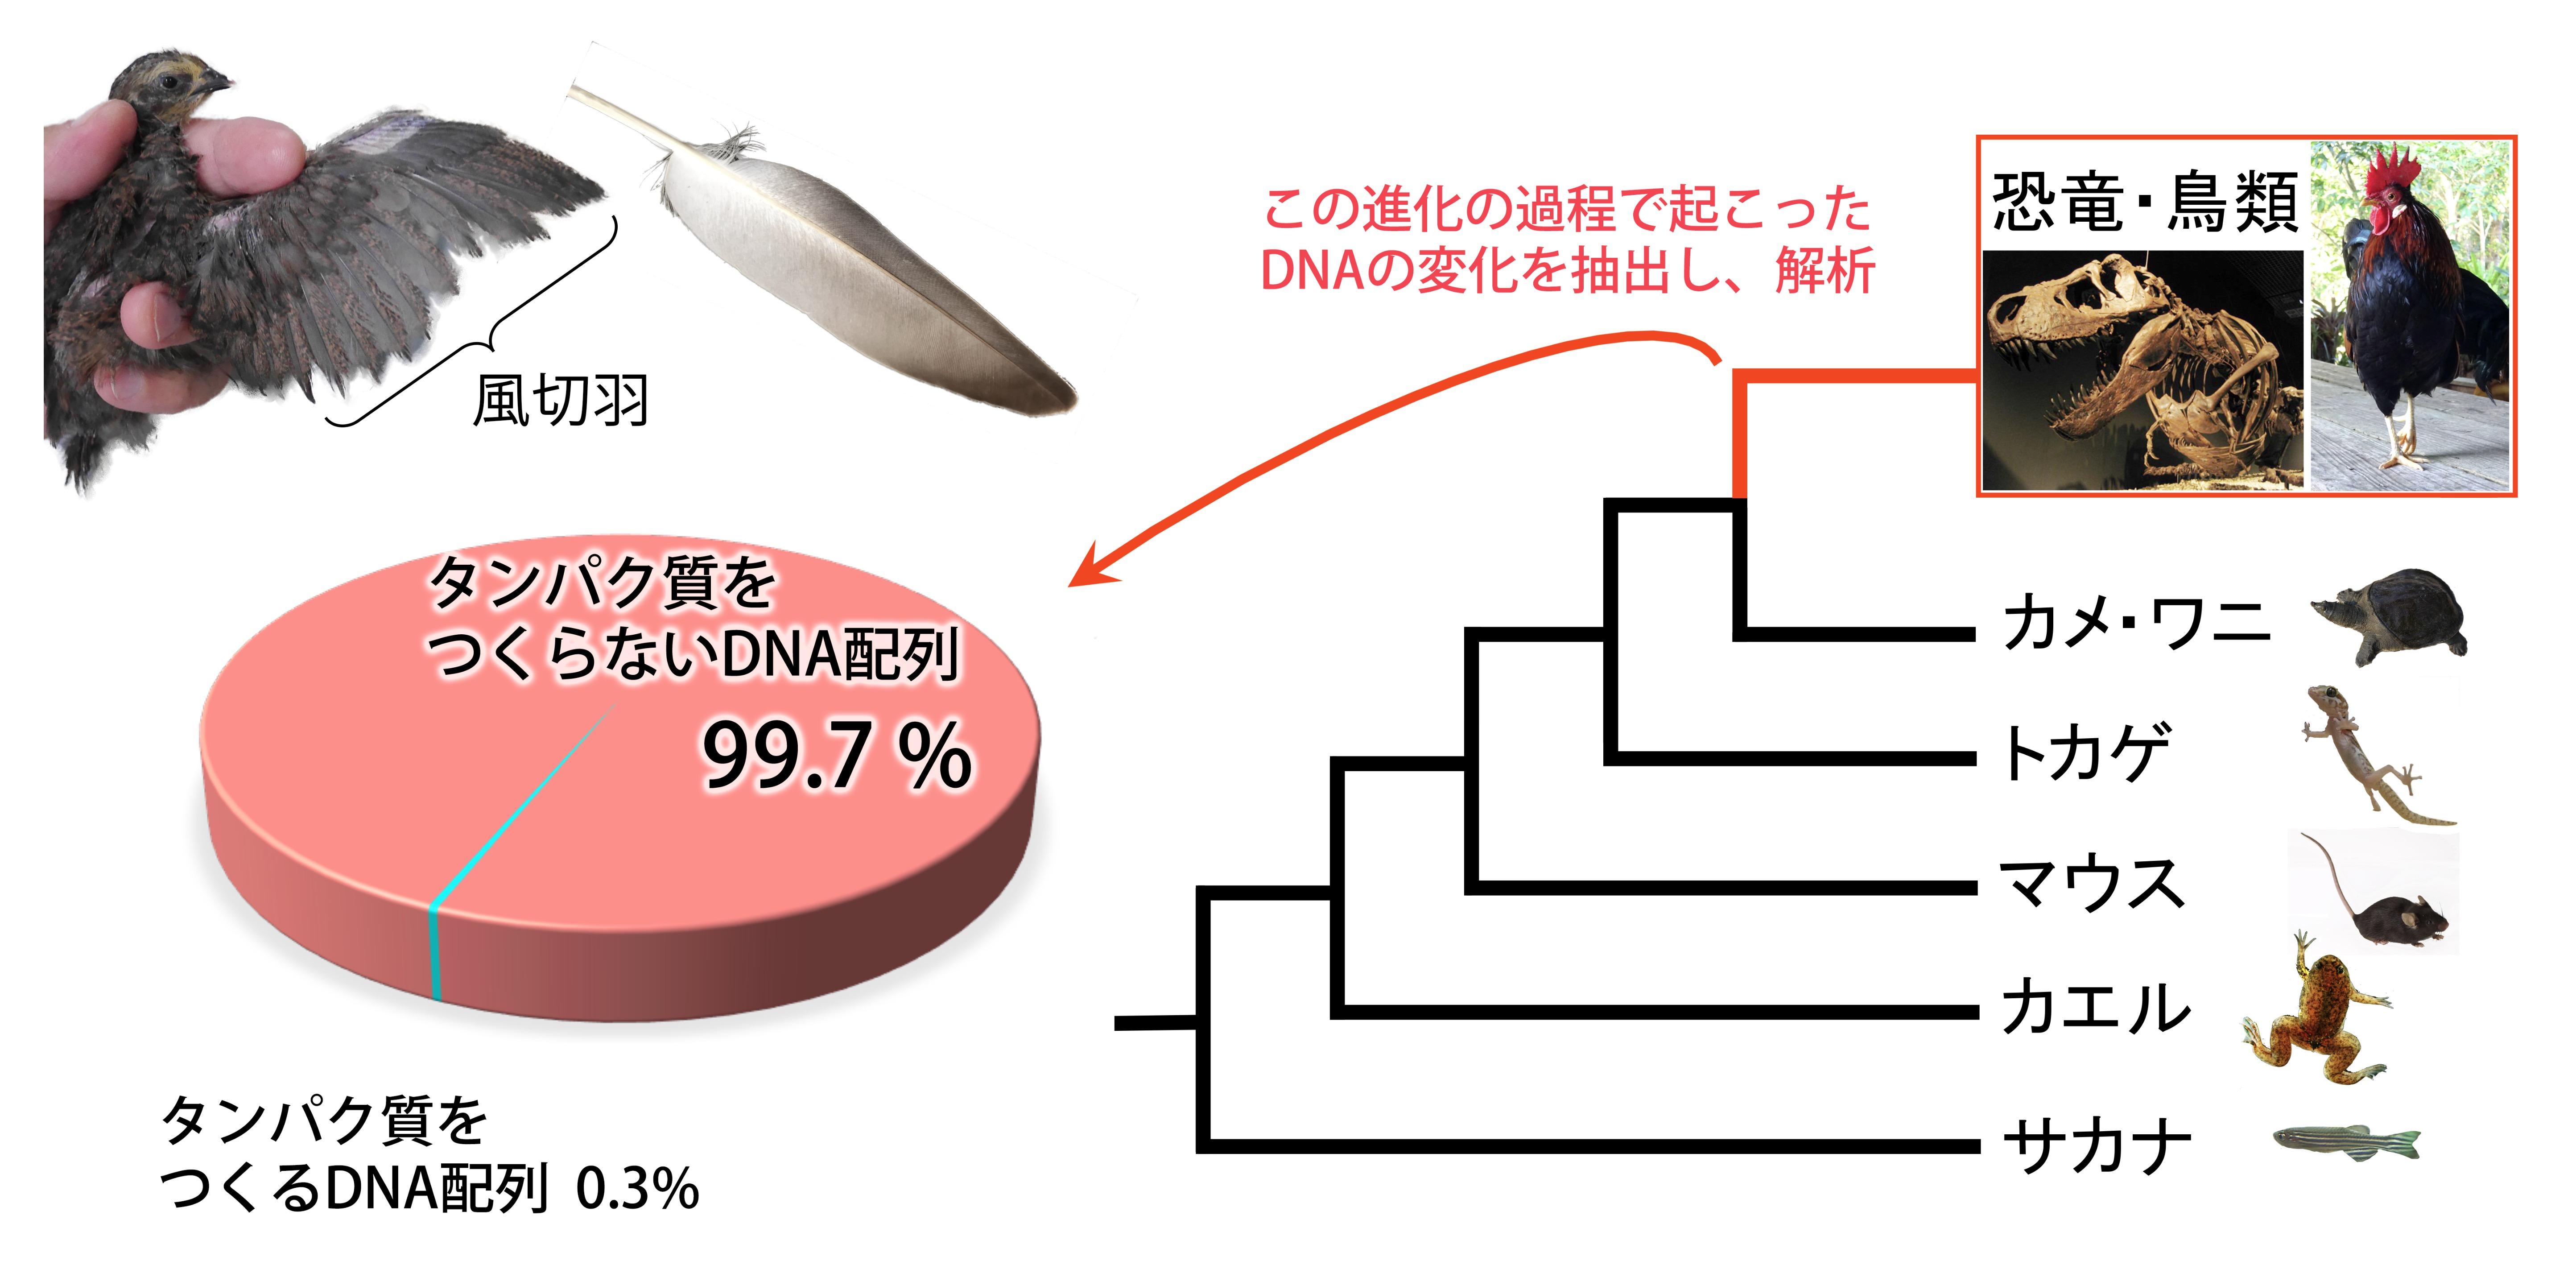 入江さん作の概要図